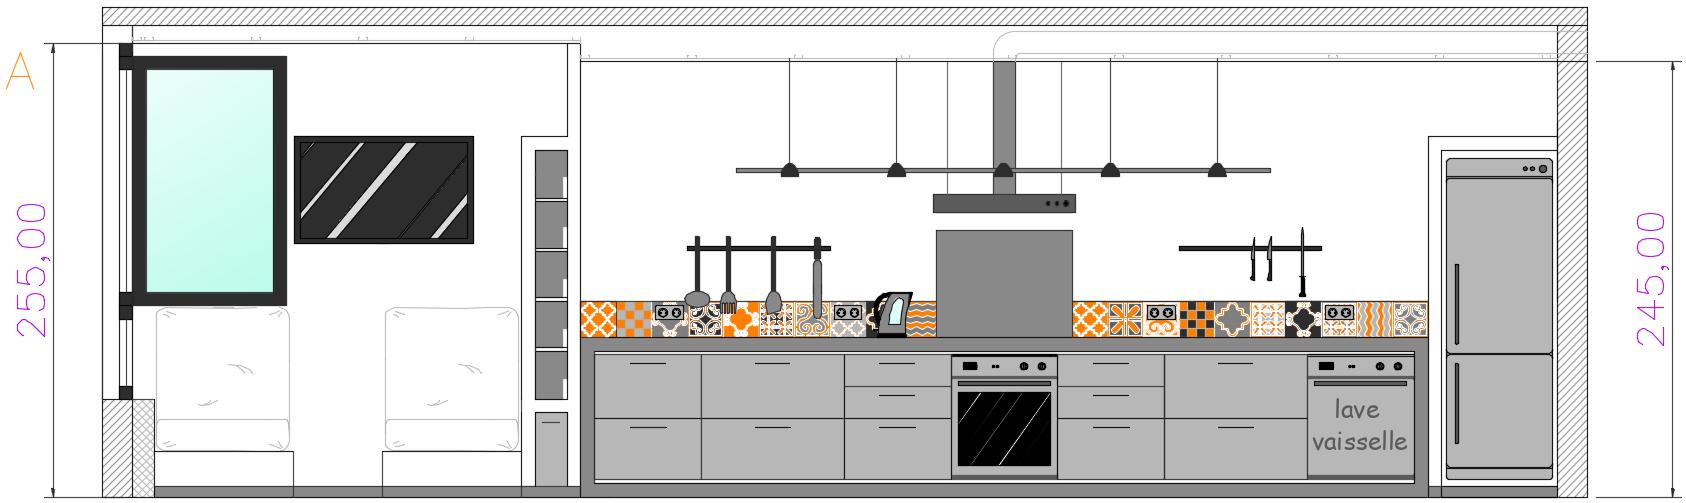 élévation coupe après travaux cuisine sur-mesure conception mobilier menuiserie carreaux de ciment rénovation architecture d'intérieur